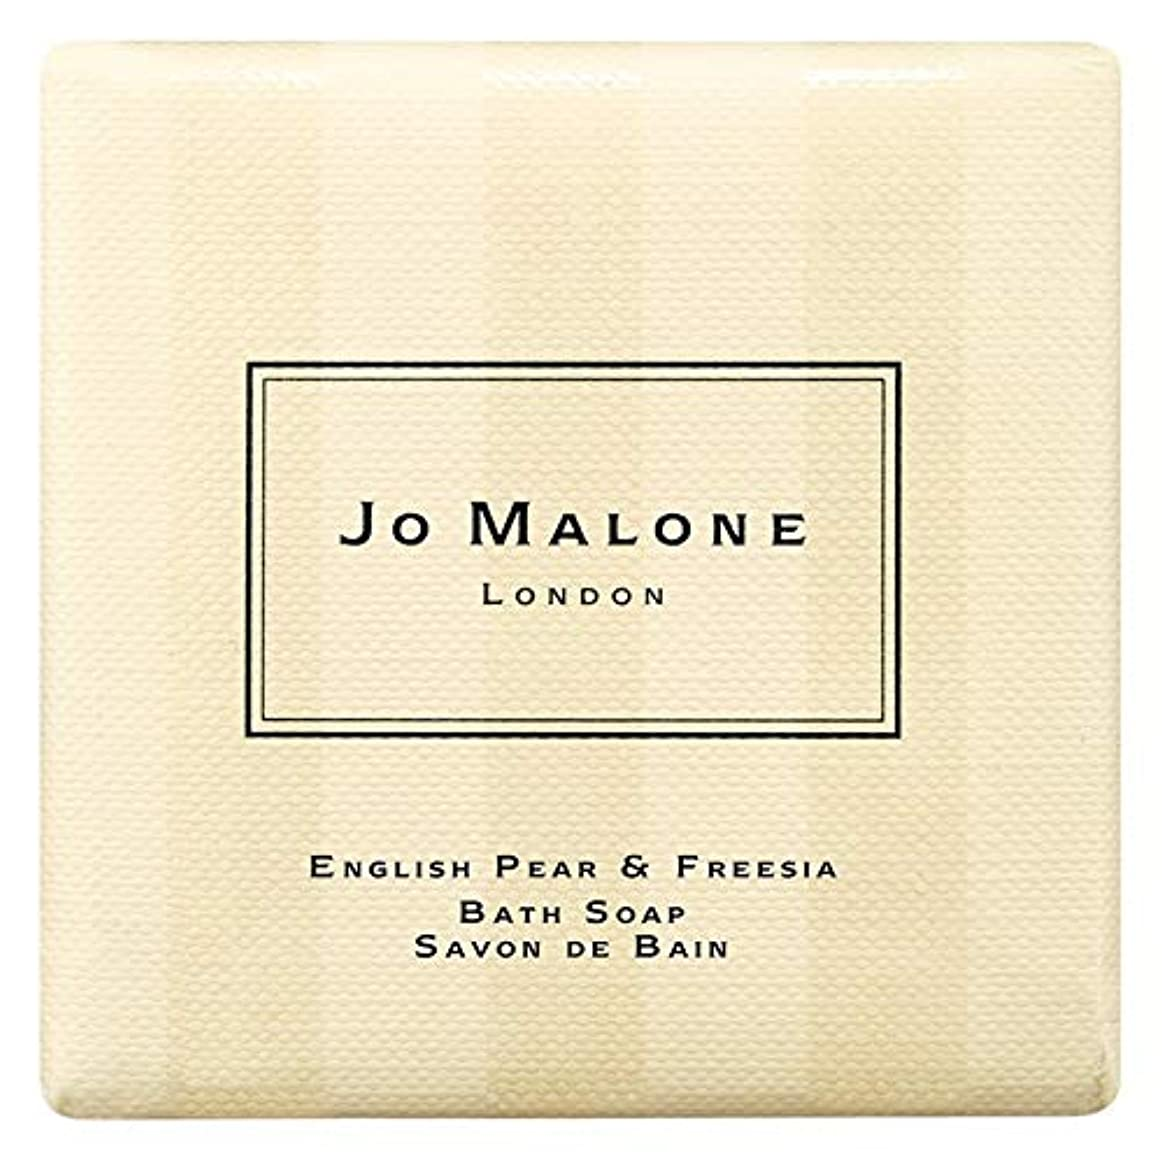 色合い計画的優遇[Jo Malone] ジョーマローンロンドン英語梨&フリージア入浴石鹸100グラム - Jo Malone London English Pear & Freesia Bath Soap 100g [並行輸入品]